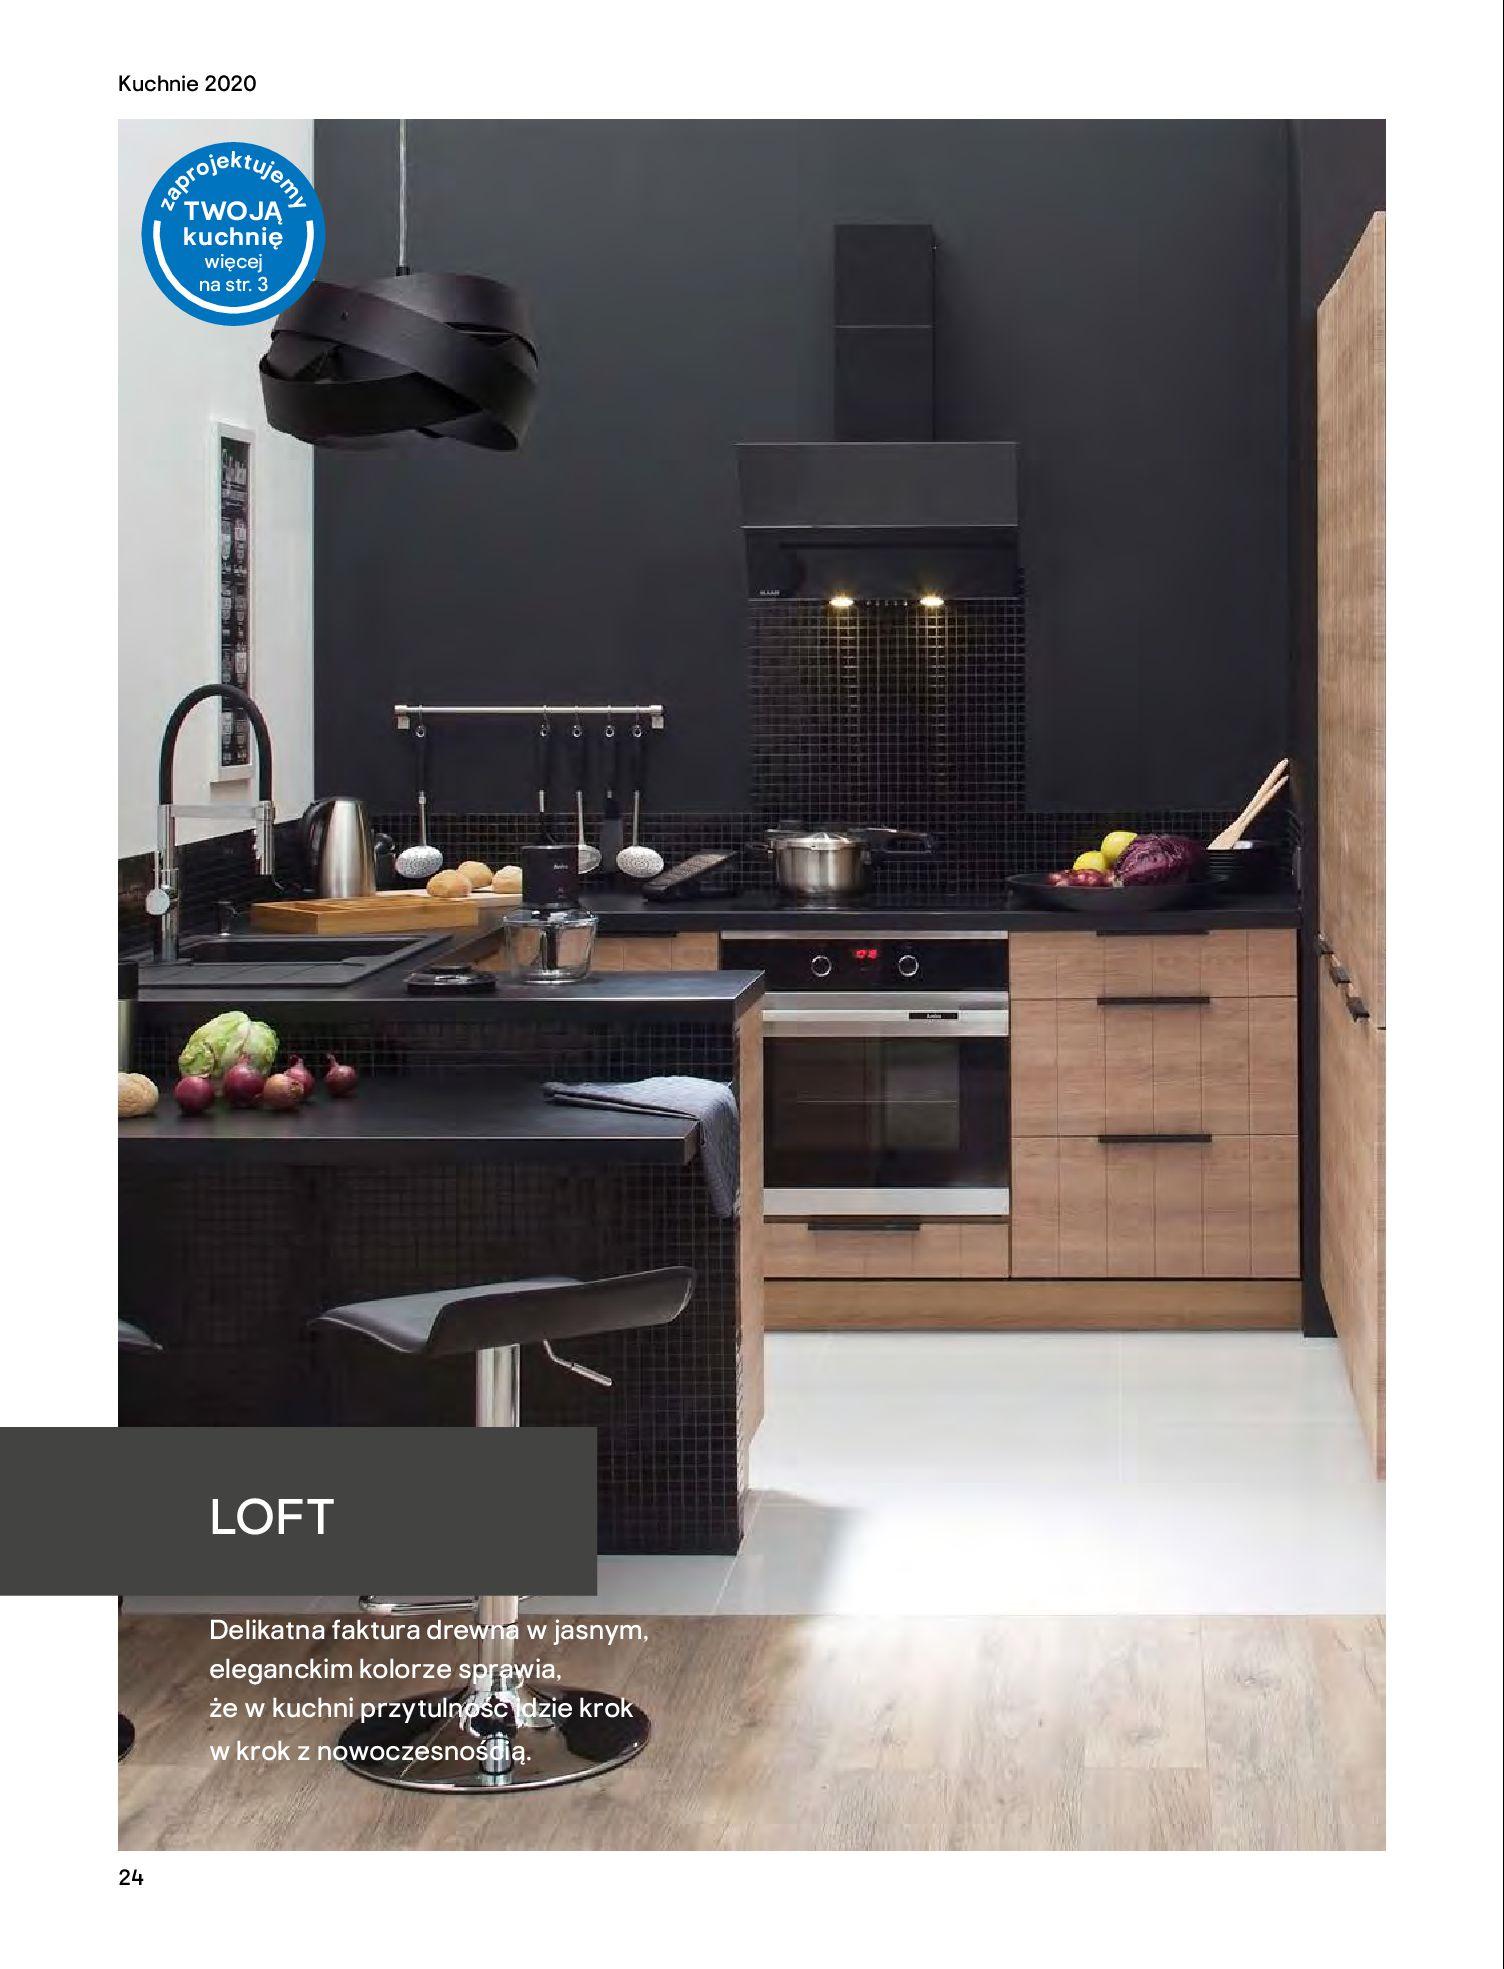 Gazetka Castorama - Katalog Kuchnie 2020-14.04.2020-31.12.2020-page-24